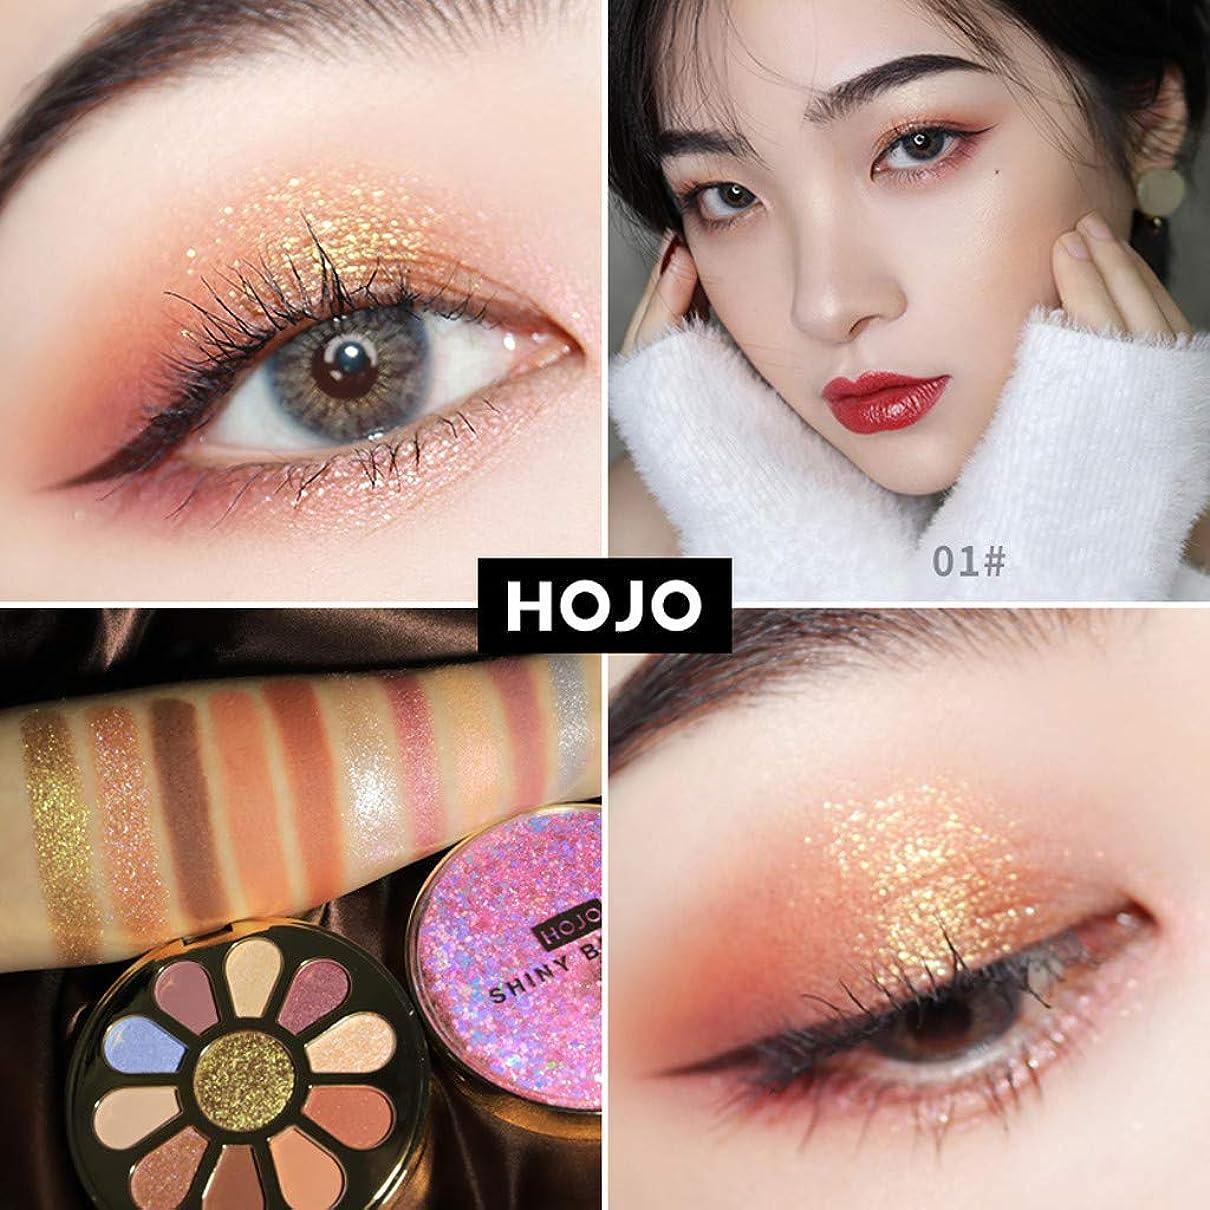 勃起十二唇Akane アイシャドウパレット HOJO ファッション 魅力的 高級 美しい 優雅な 花 綺麗 キラキラ 素敵 持ち便利 日常 Eye Shadow (11色) 8031